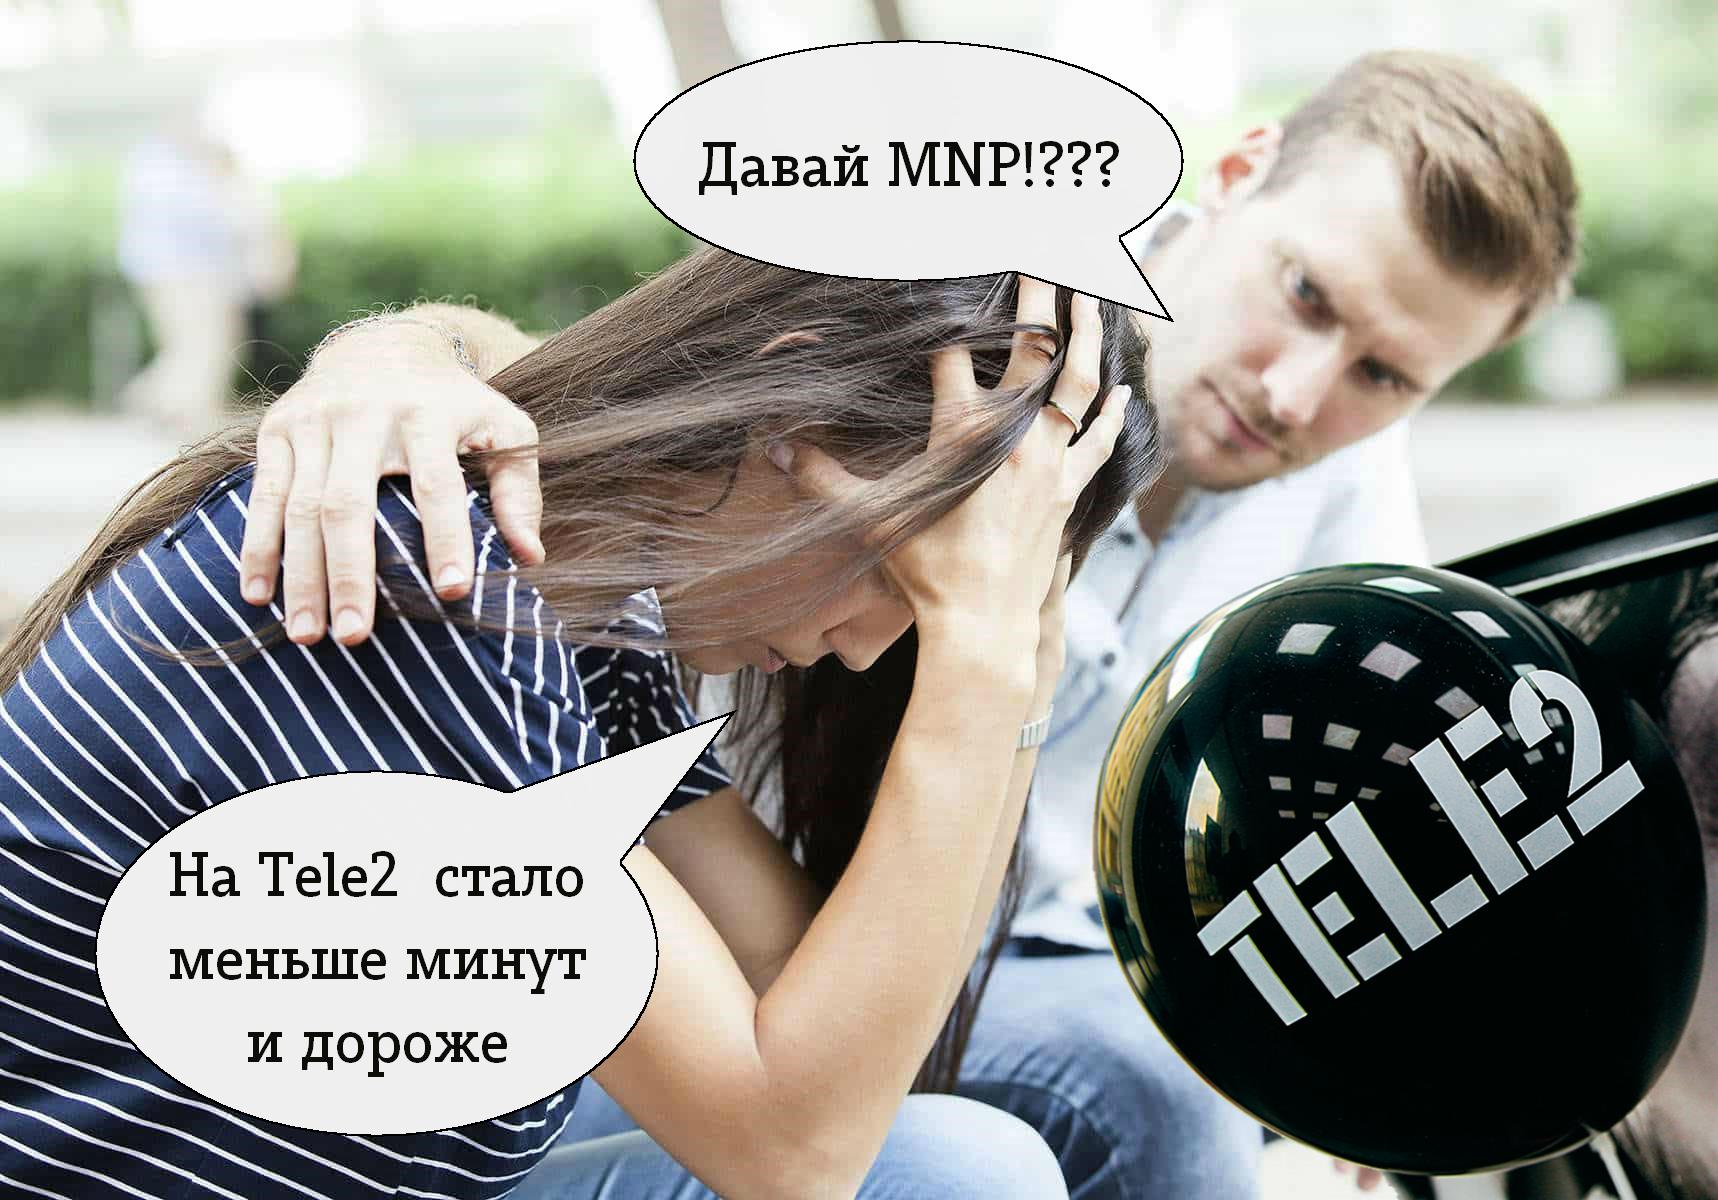 Tele2 запустил обновленные тарифы «Мой разговор», «Мой онлайн» и «Мой онлайн+», стало меньше минут и дороже 1